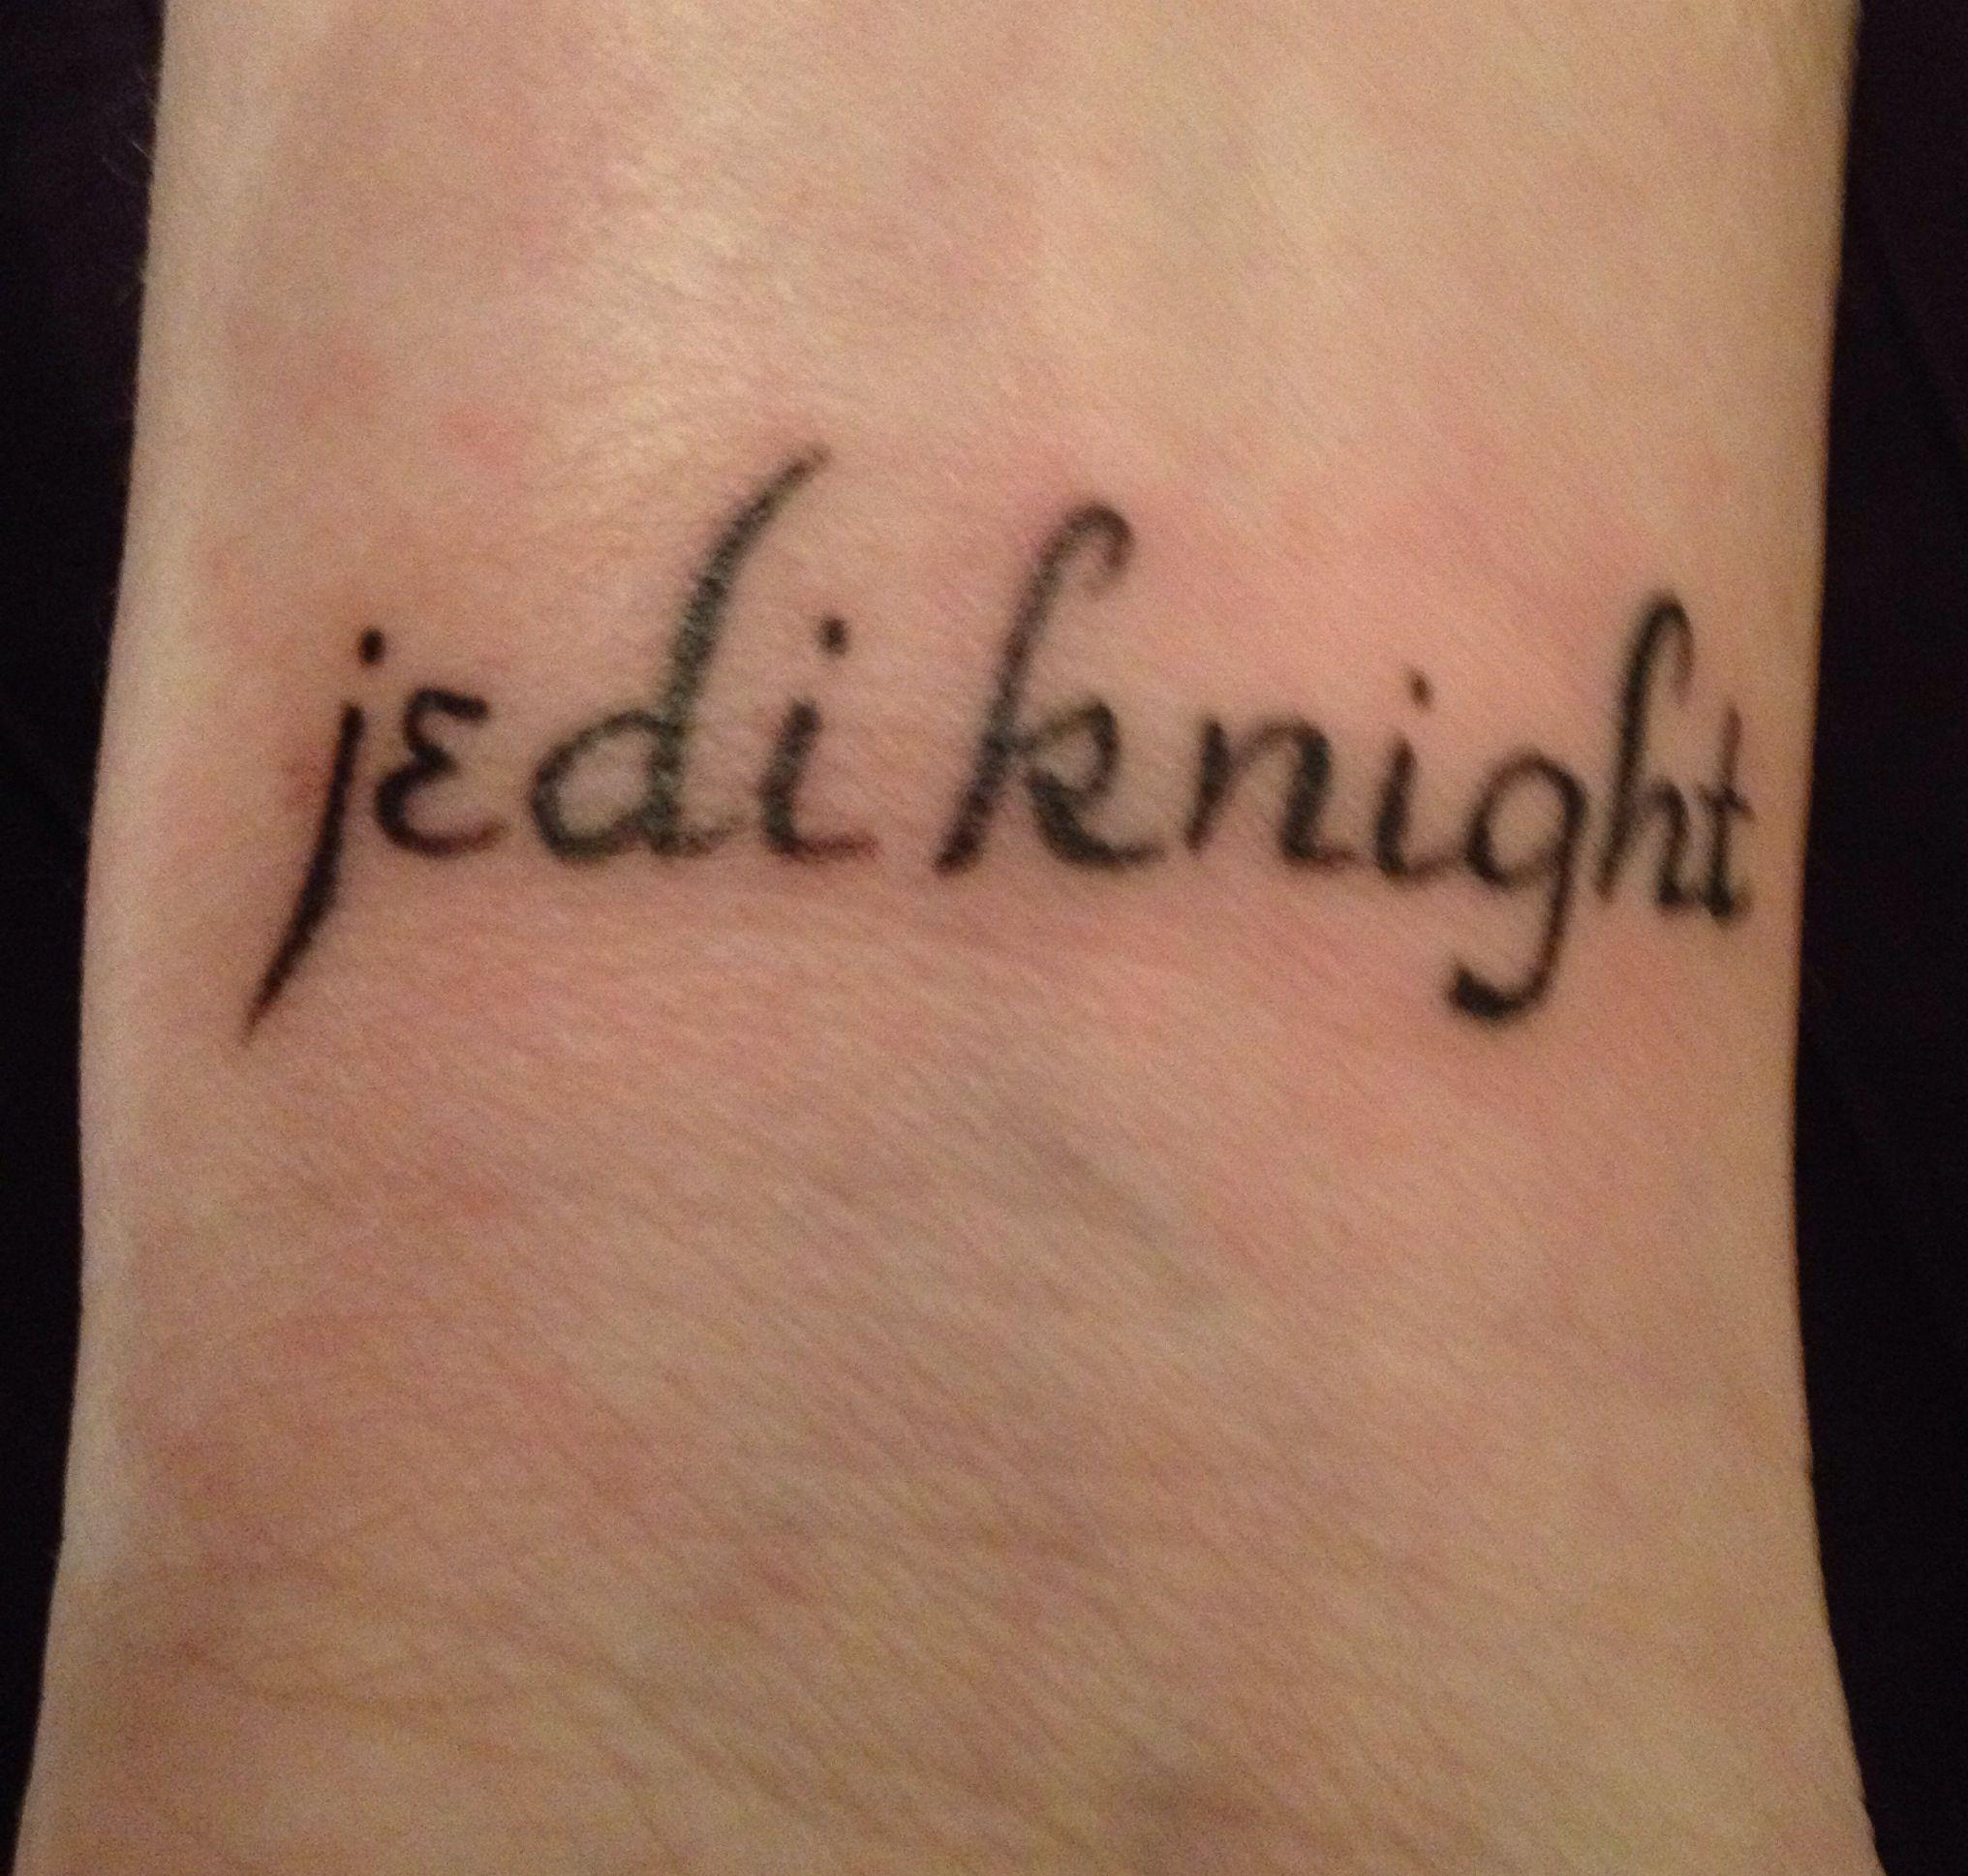 Knight Tattoo Quotes: Jedi Knight Tat By Inksplosive Tattoo In Connecticut